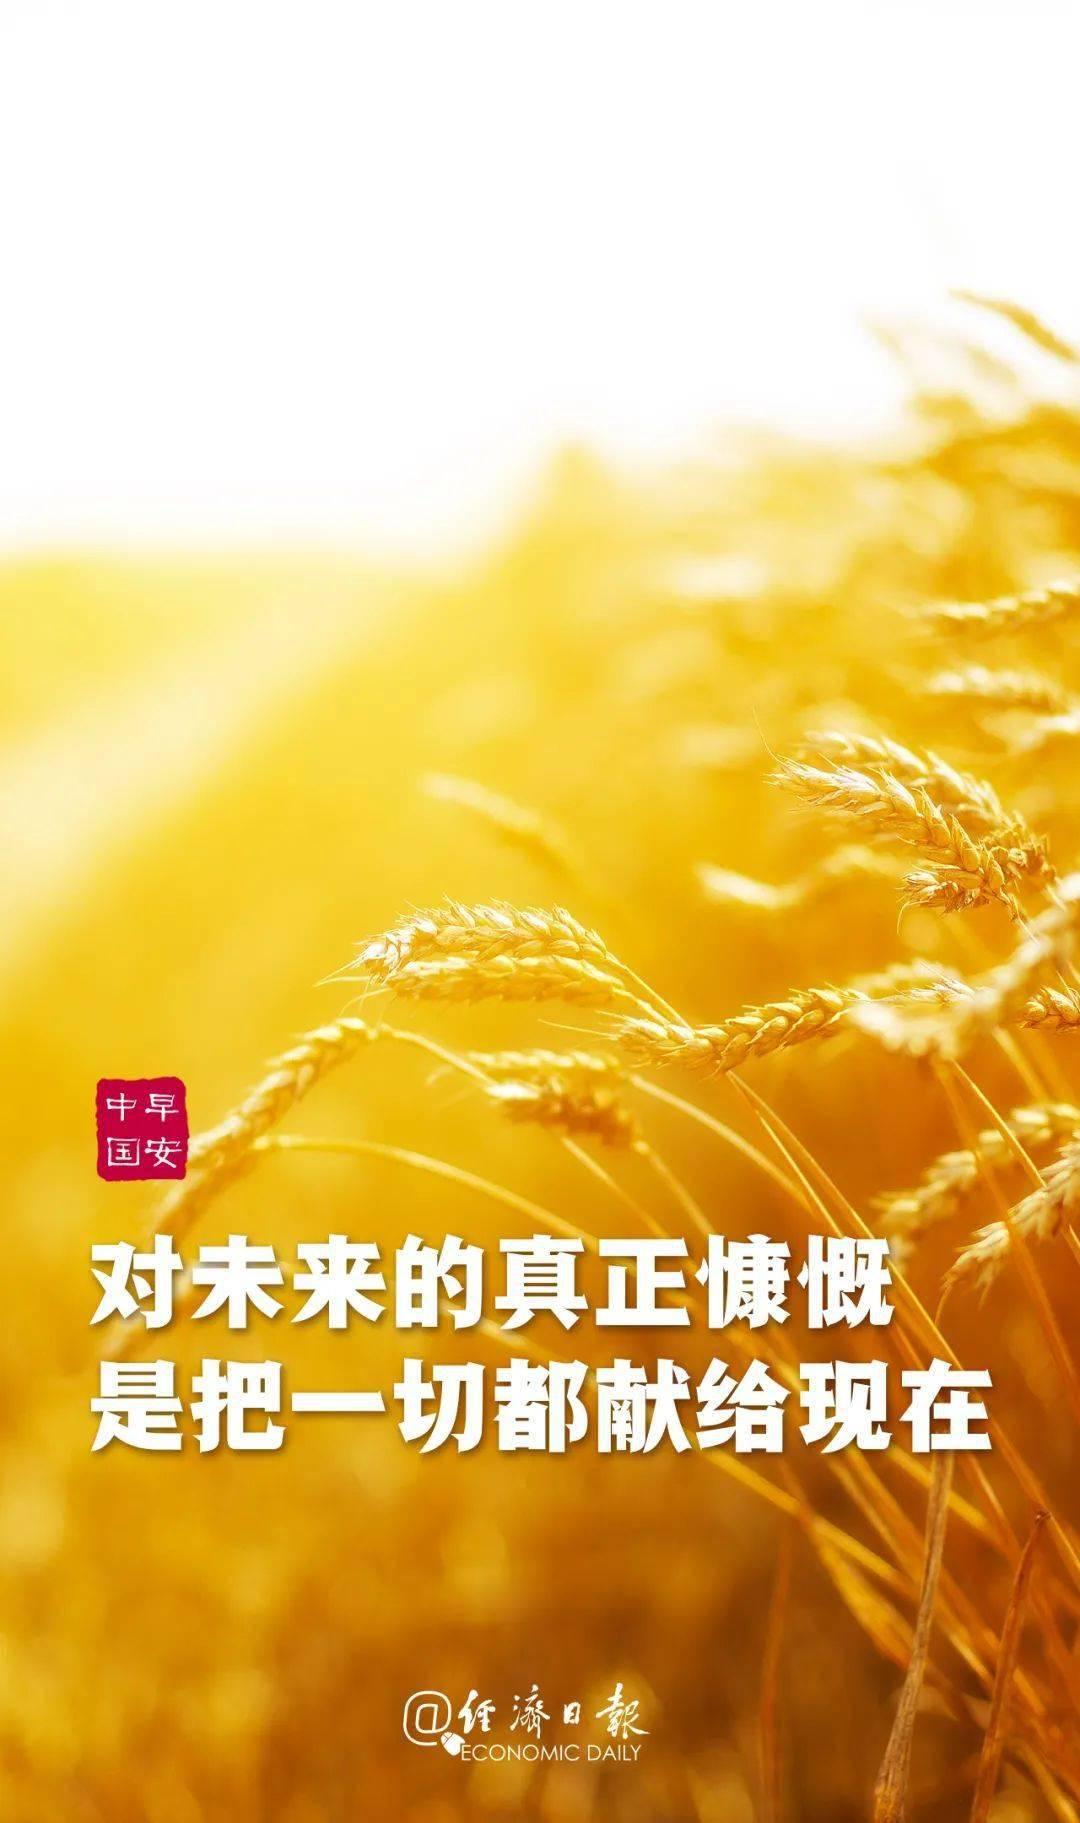 东盟历史性成为中国第一大贸易伙伴;全国规模以上工业企业实现利润总额延续稳定增长态势丨财经早餐